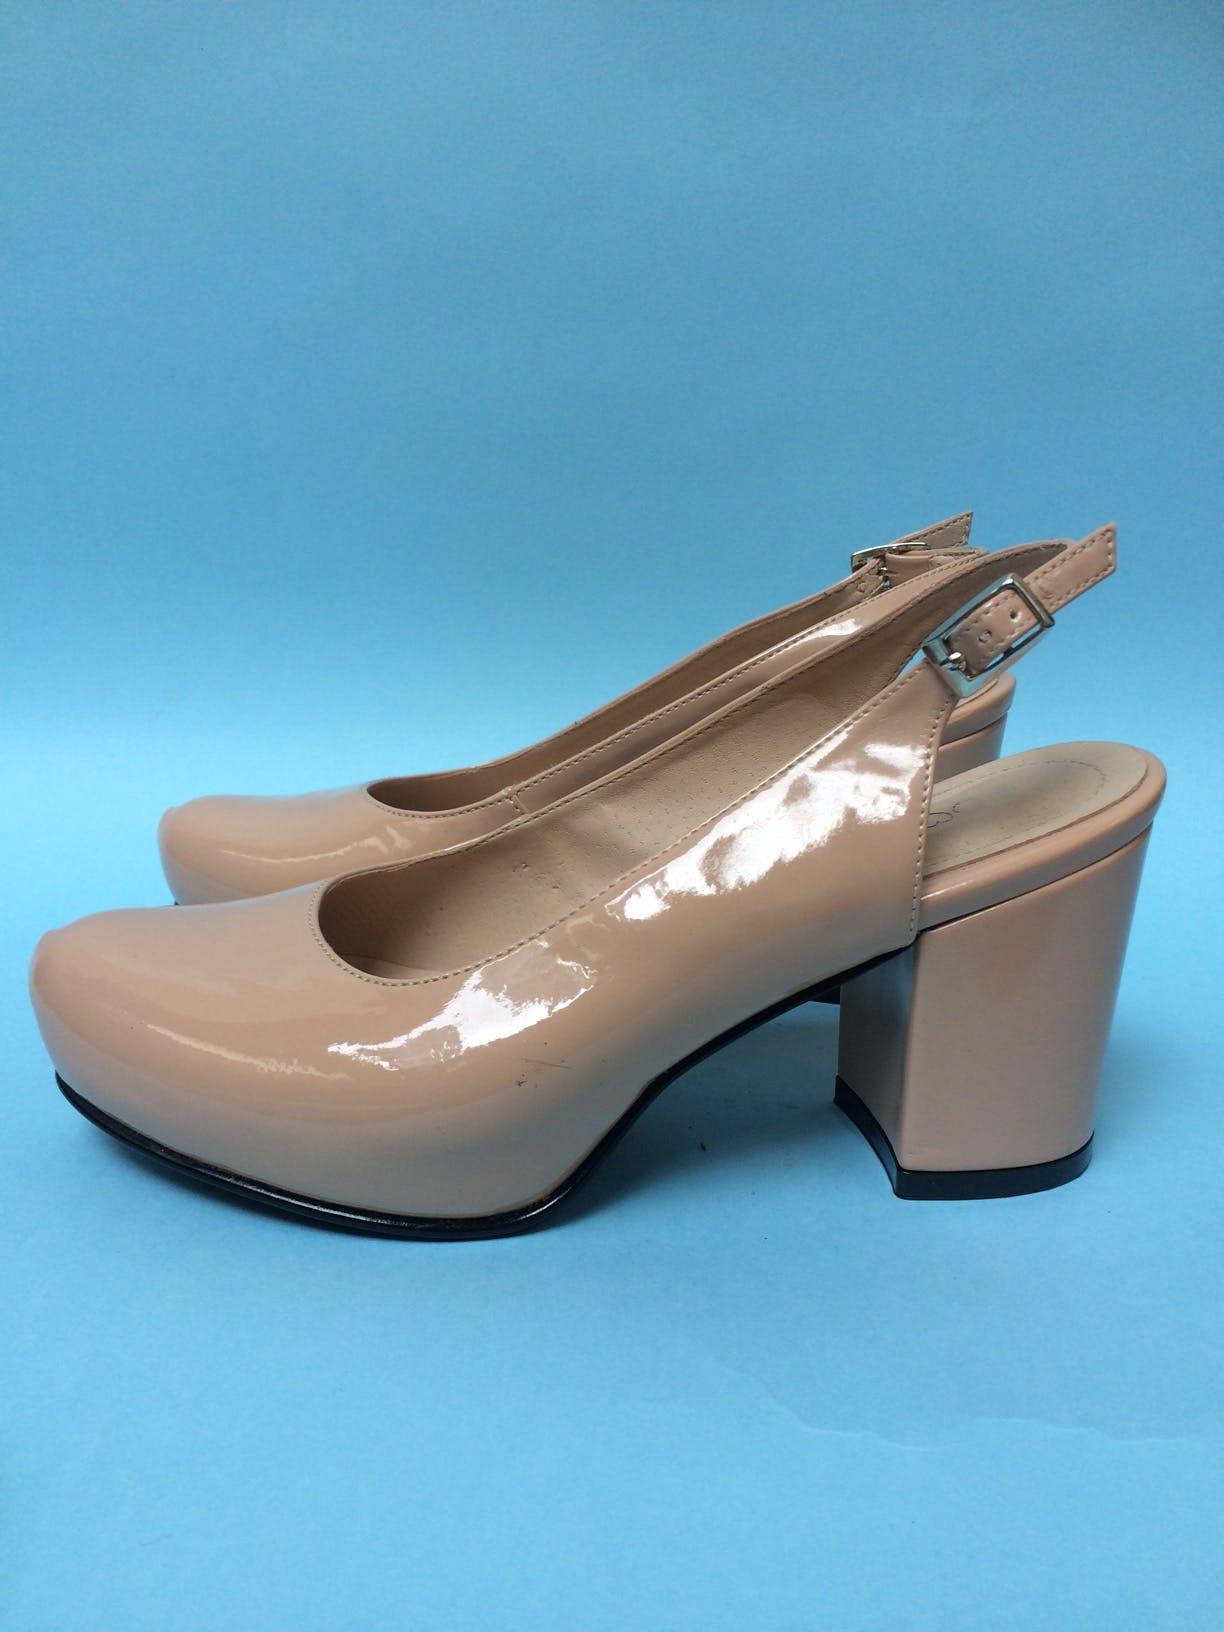 Zapatos nude tipo charol, punta redonda y talón abierto, con correa en el tobillo. Estado 9.5/10 Taco 7 Talla 35 Antes: 47 Ahora: